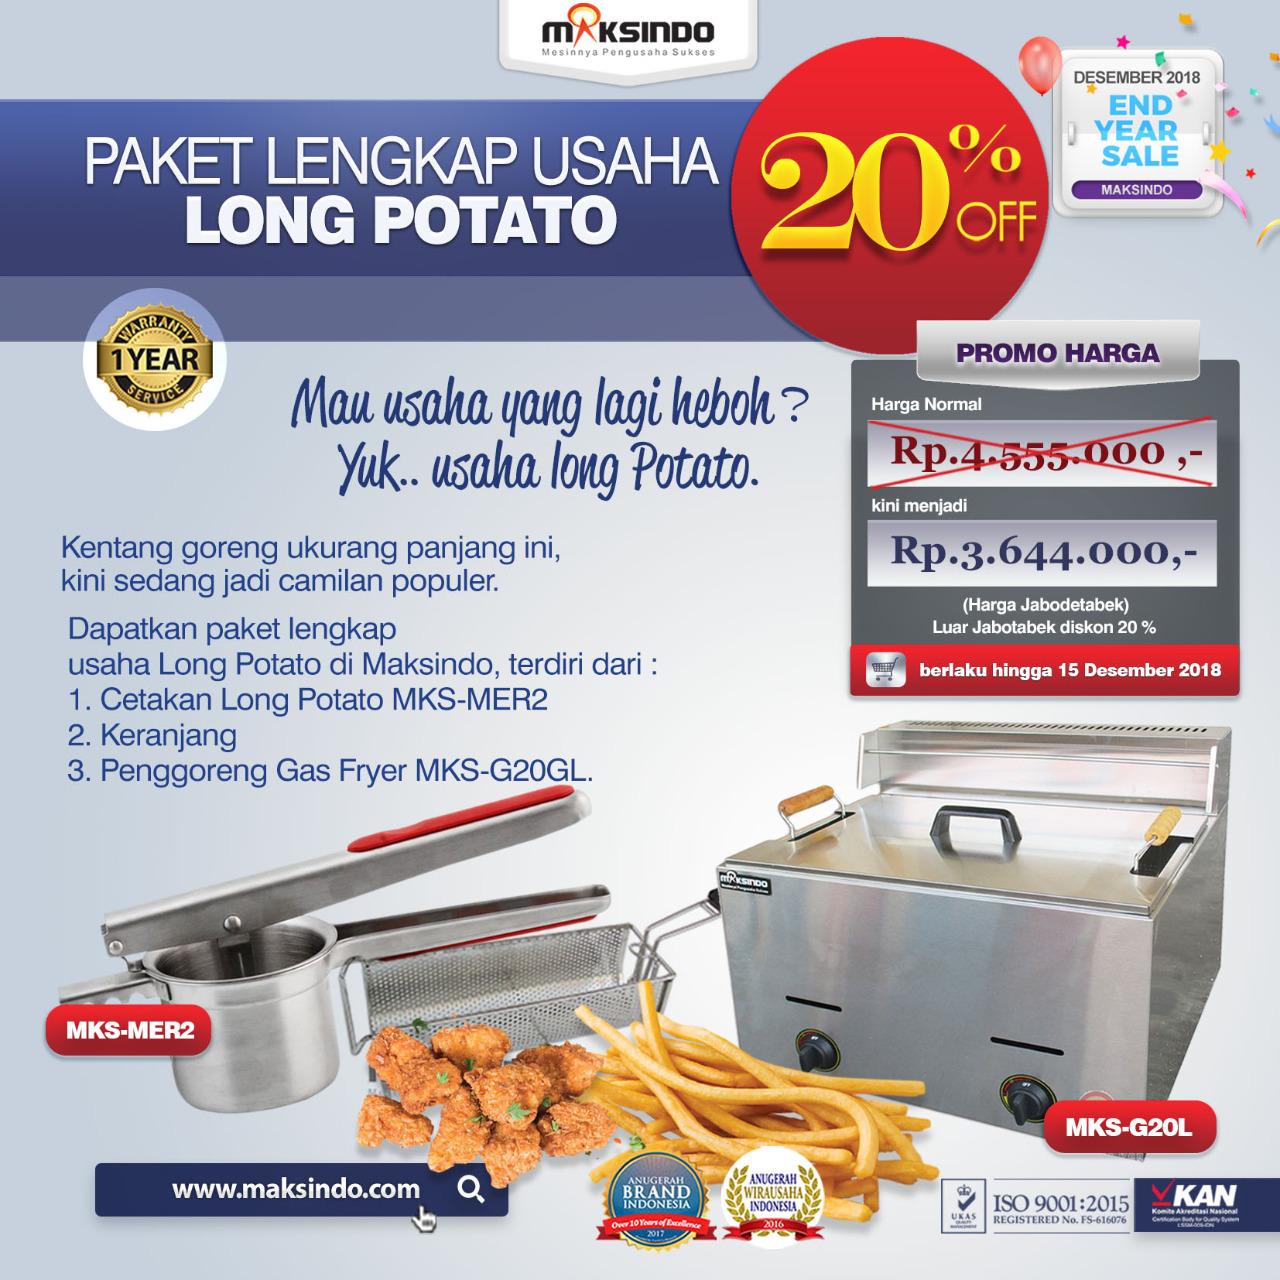 Jual Paket Mesin Long Potato Kentang Panjang di Bandung